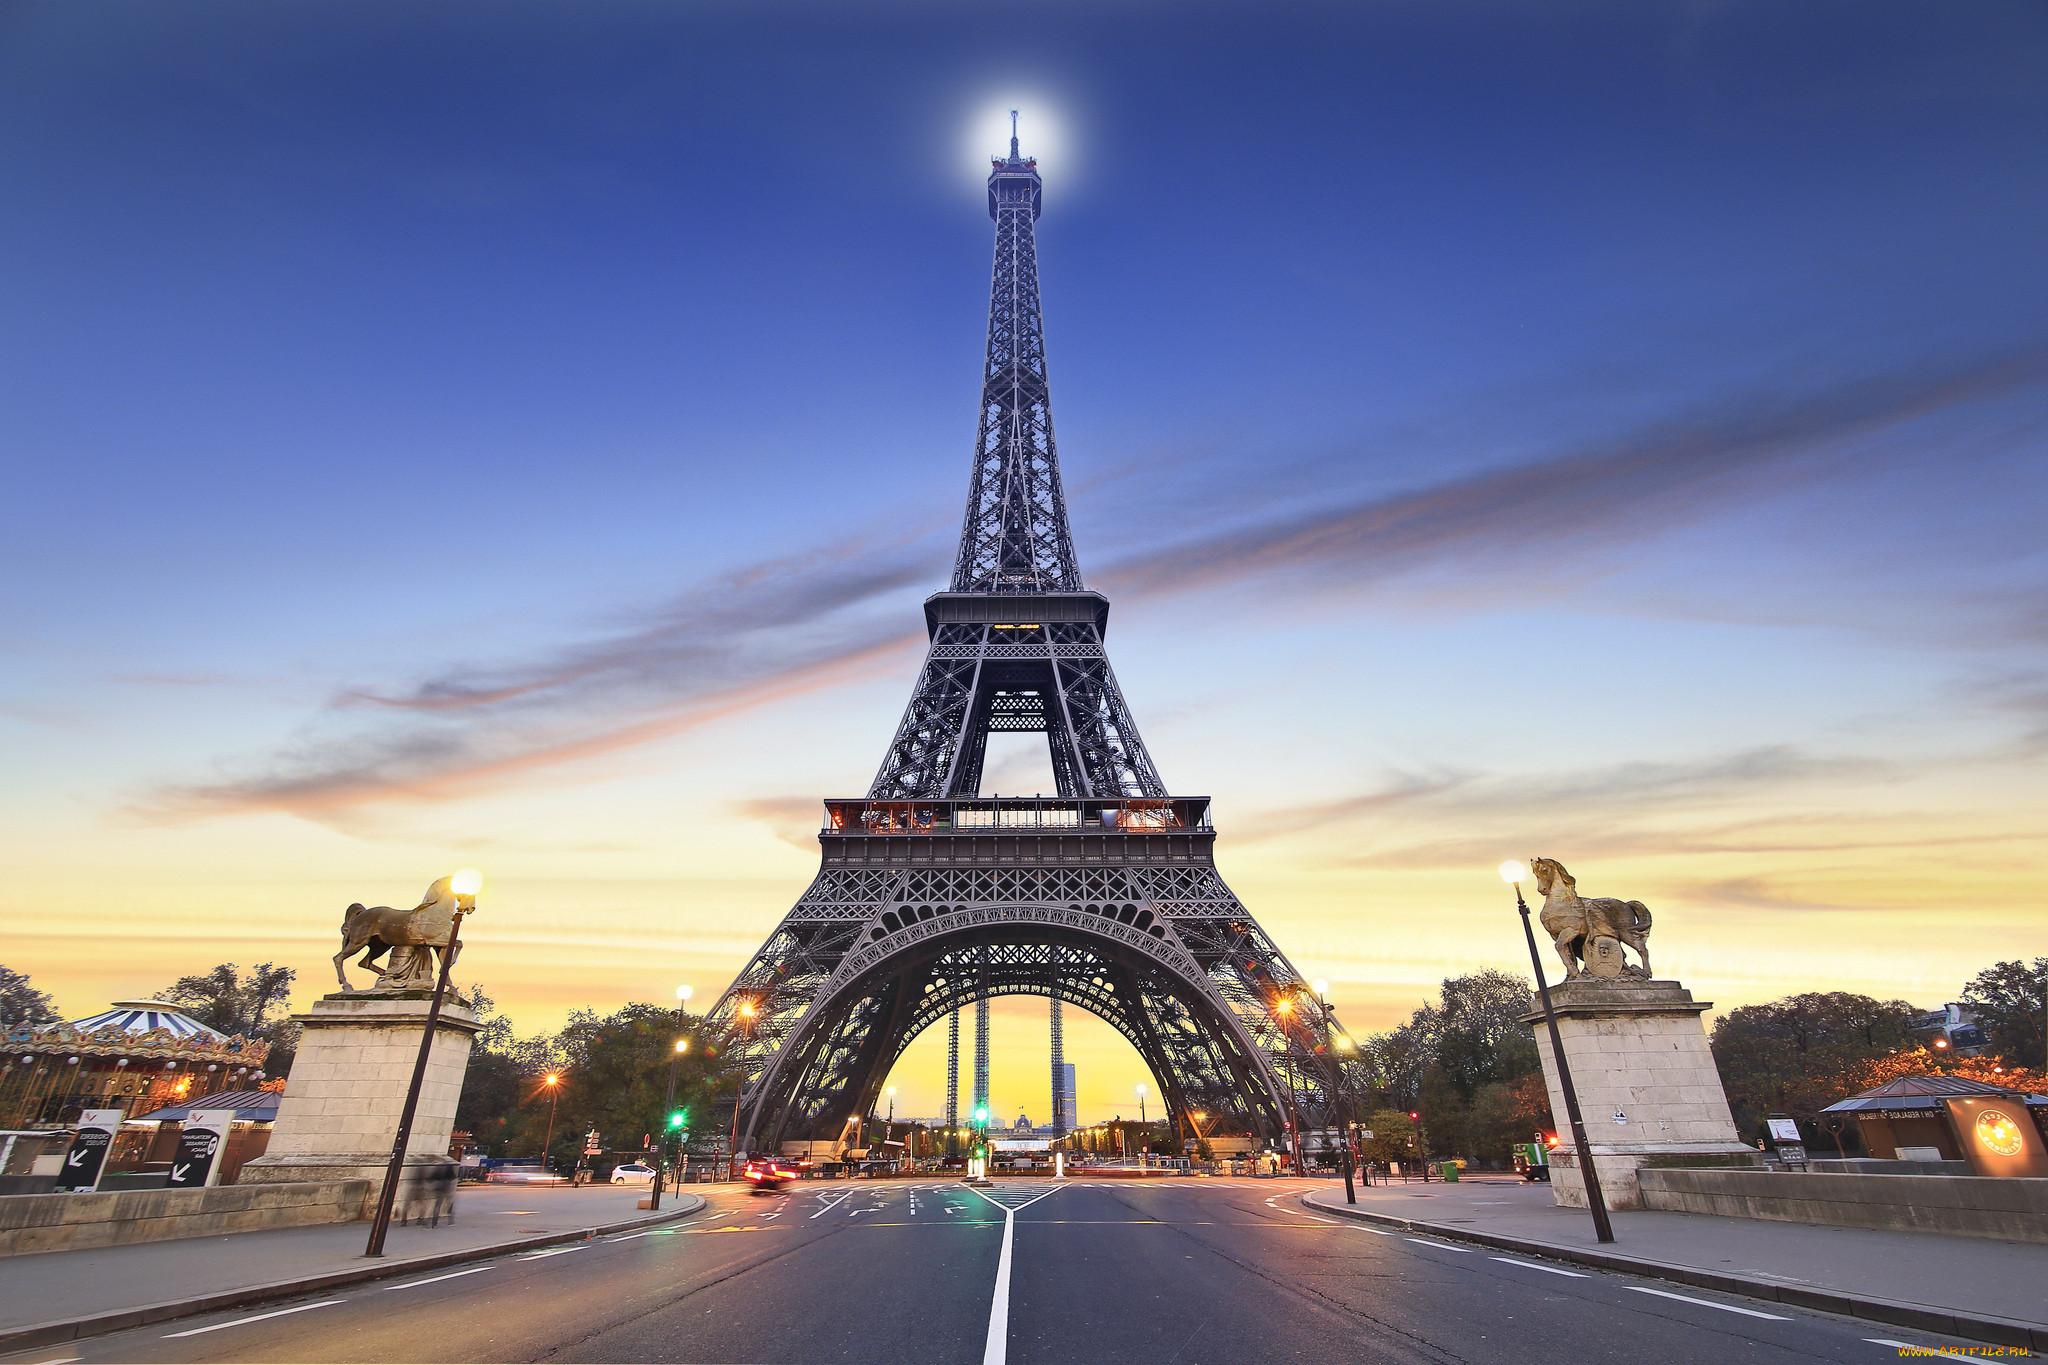 аурия картинка города эйфелева башня маркам, видам стоимости